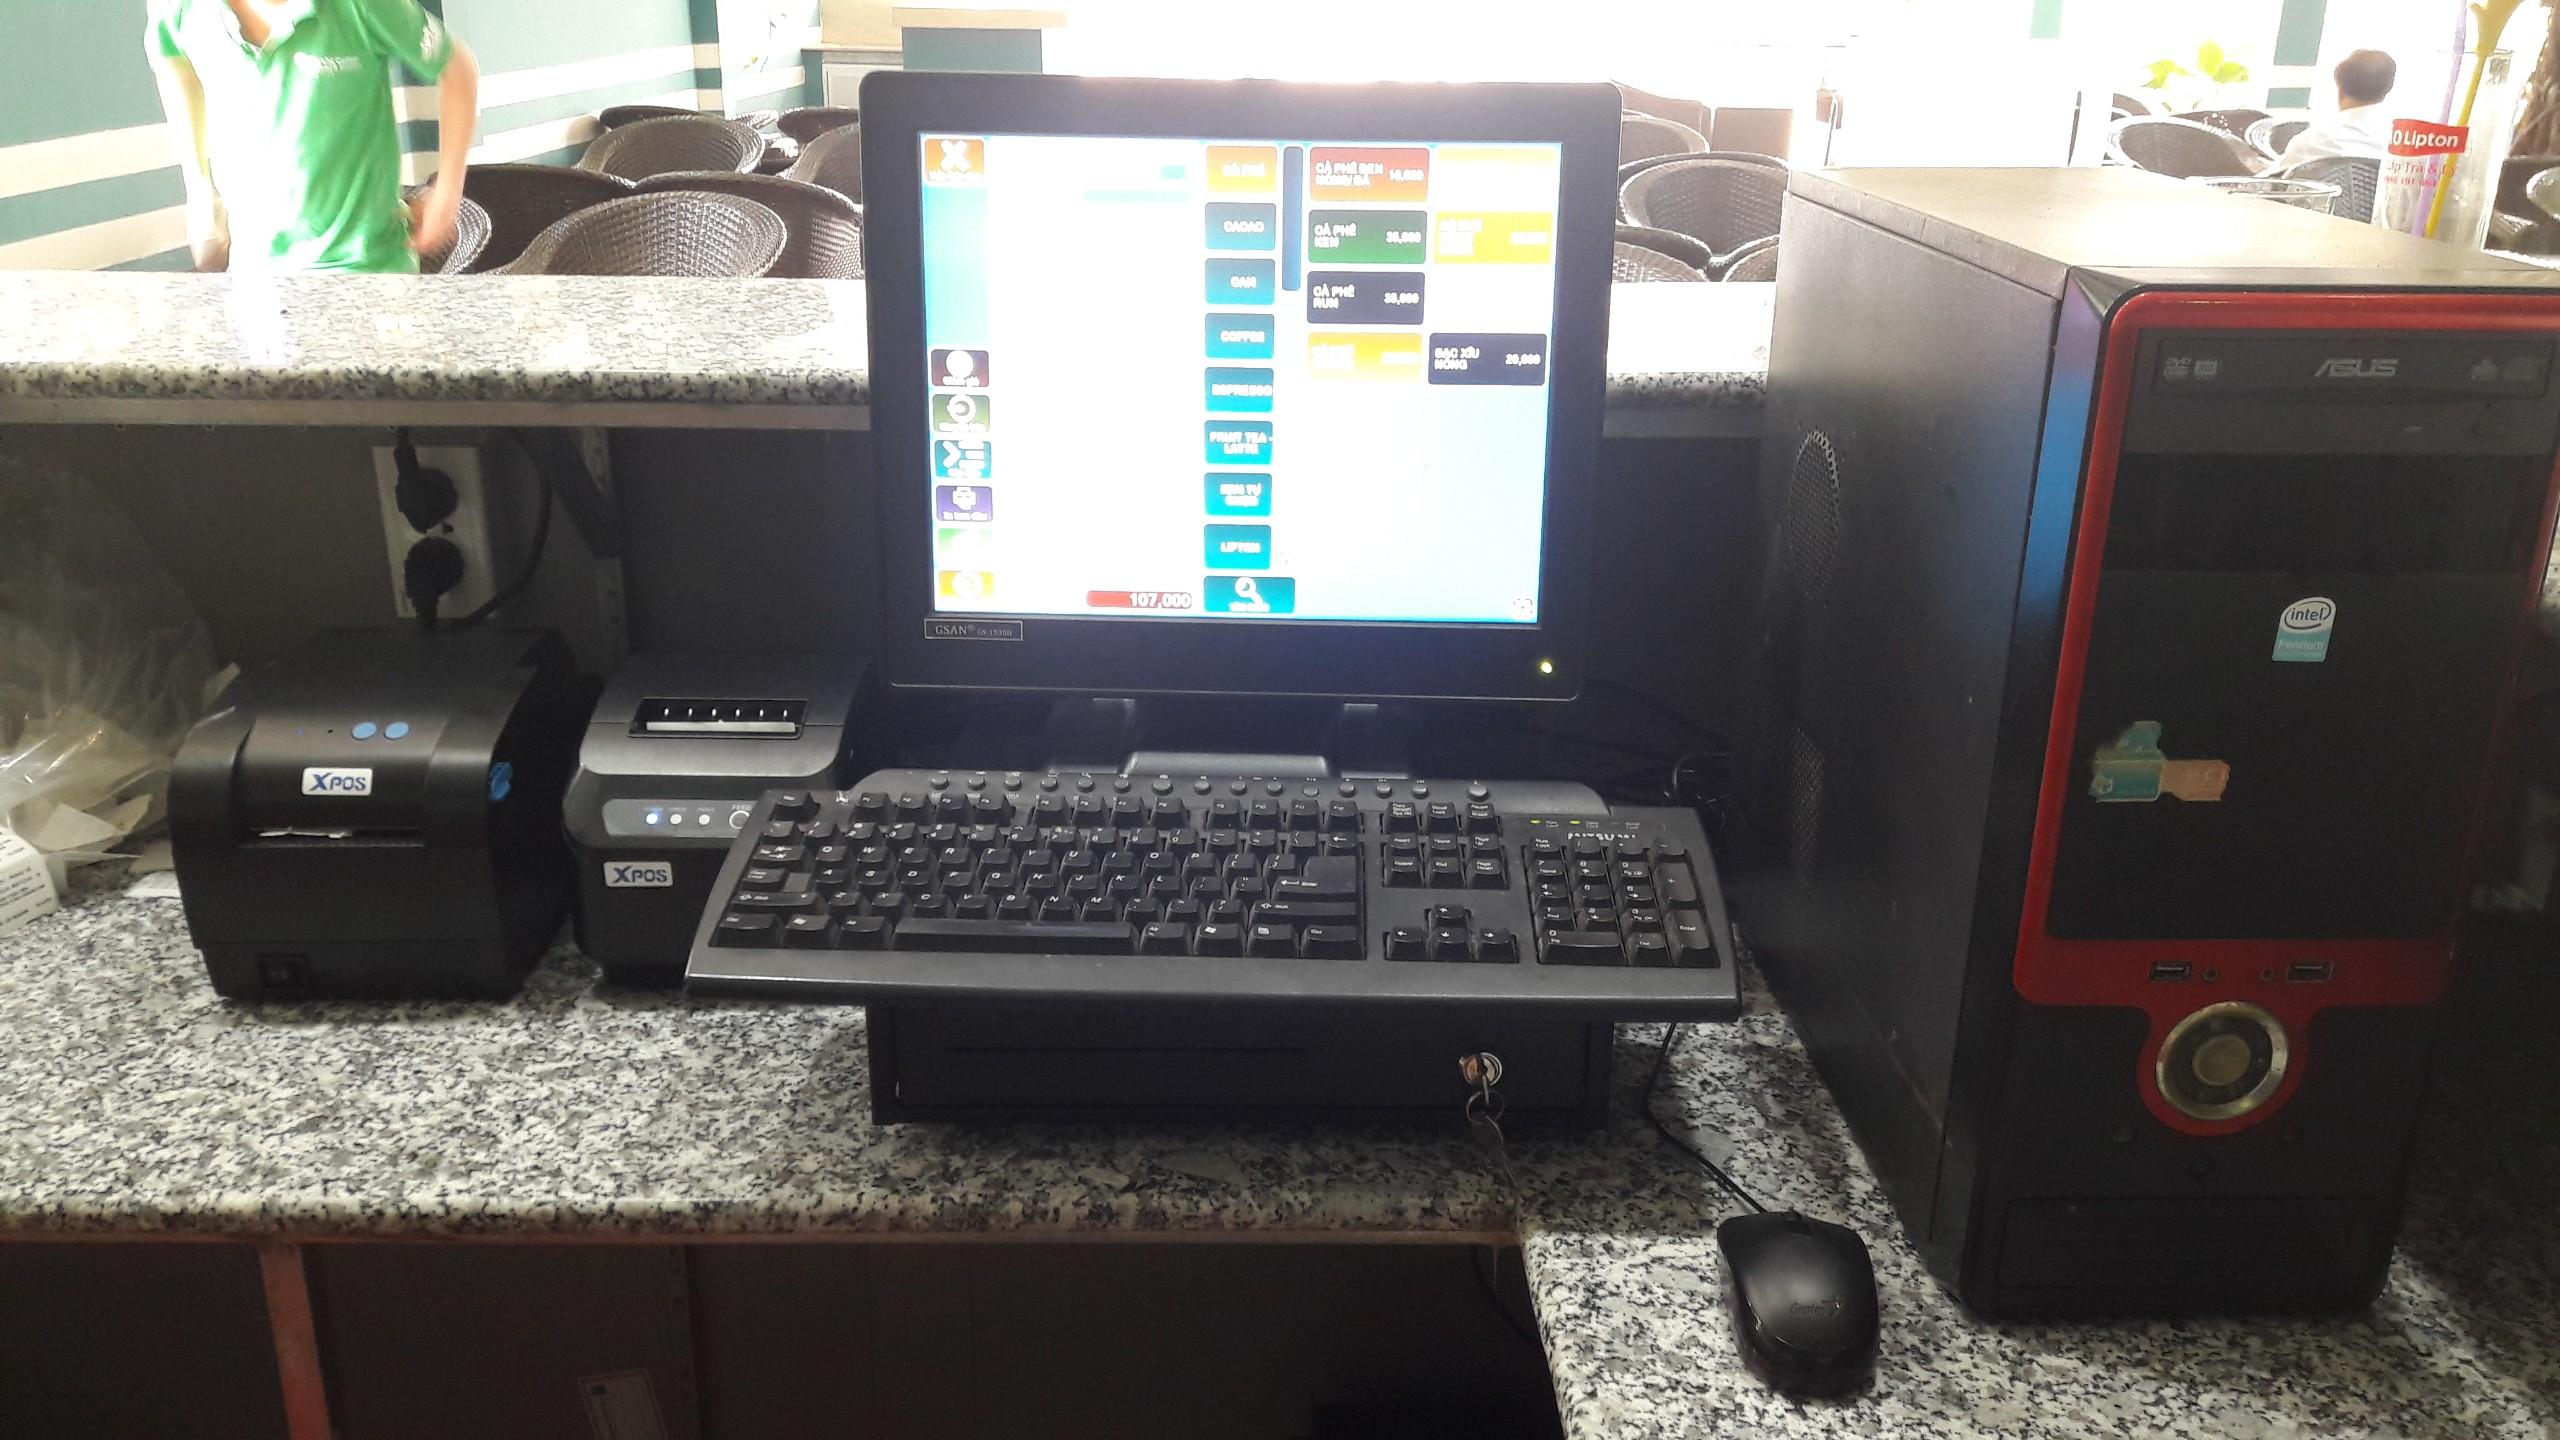 máy tính tiền quán trà sữa giá rẻ tại tphcm bình dương